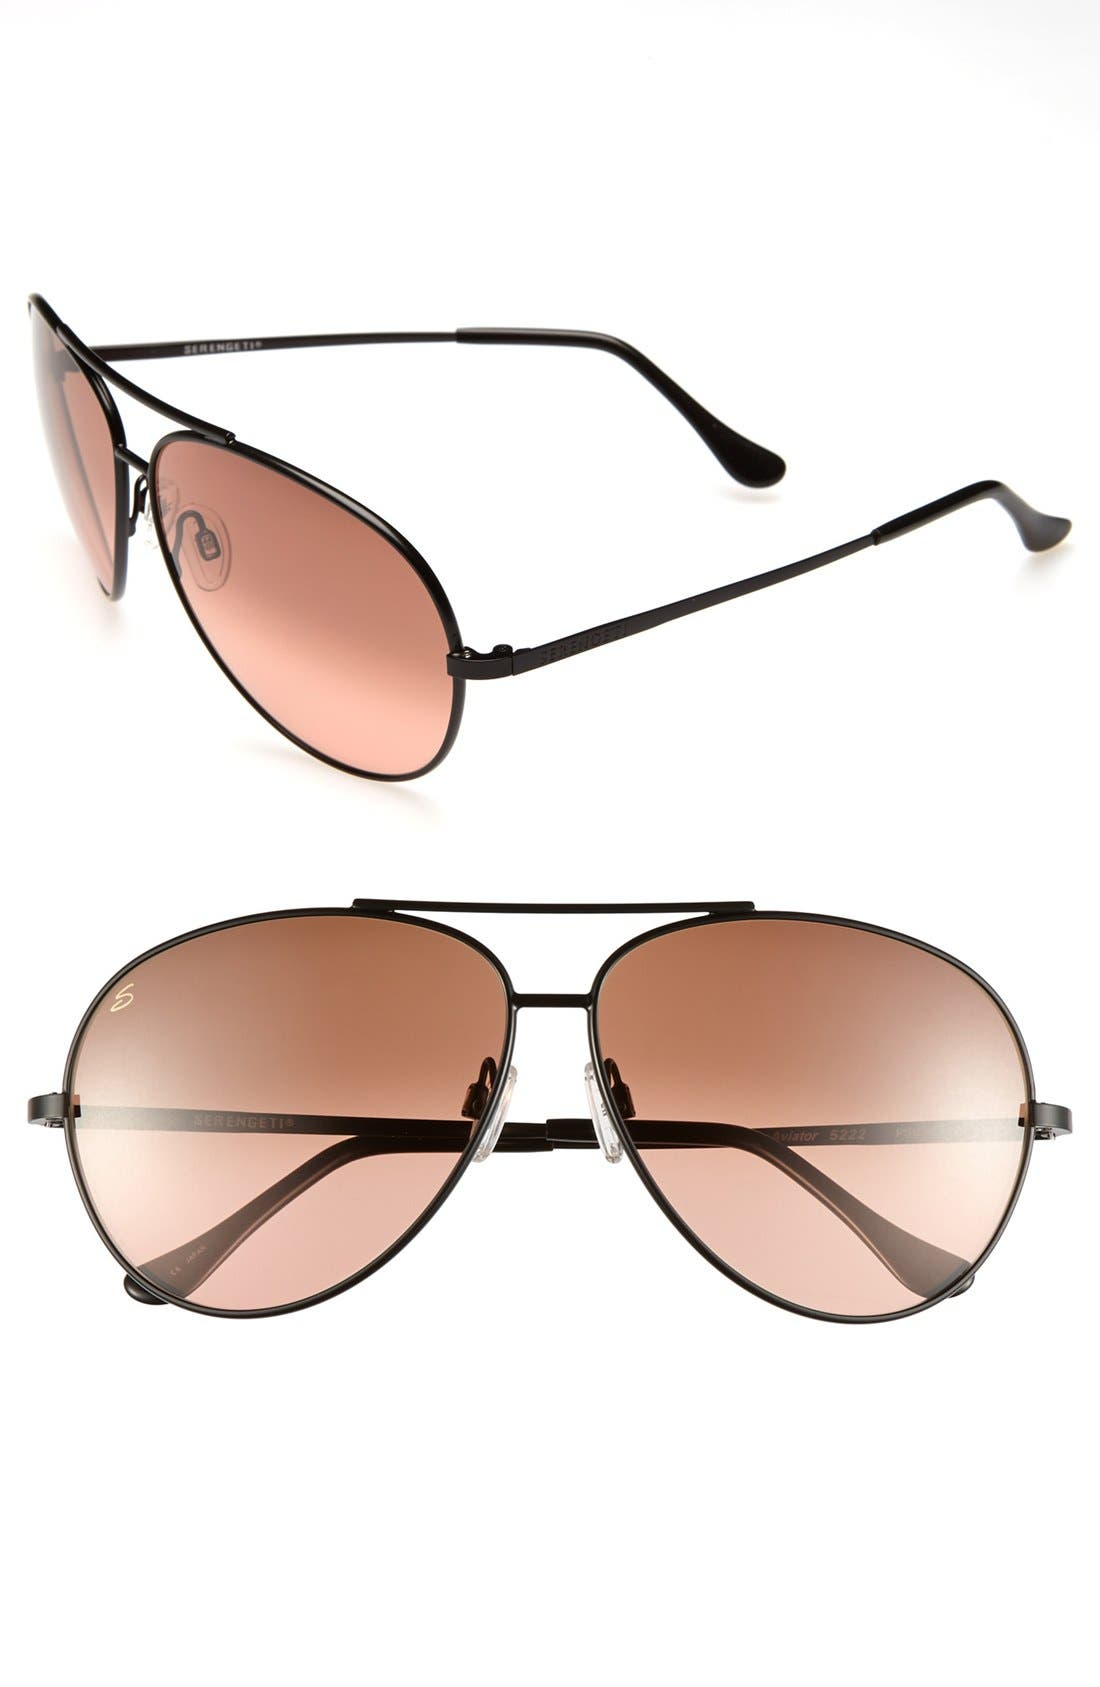 Alternate Image 1 Selected - Serengeti Polarized 68mm Large Aviator Sunglasses